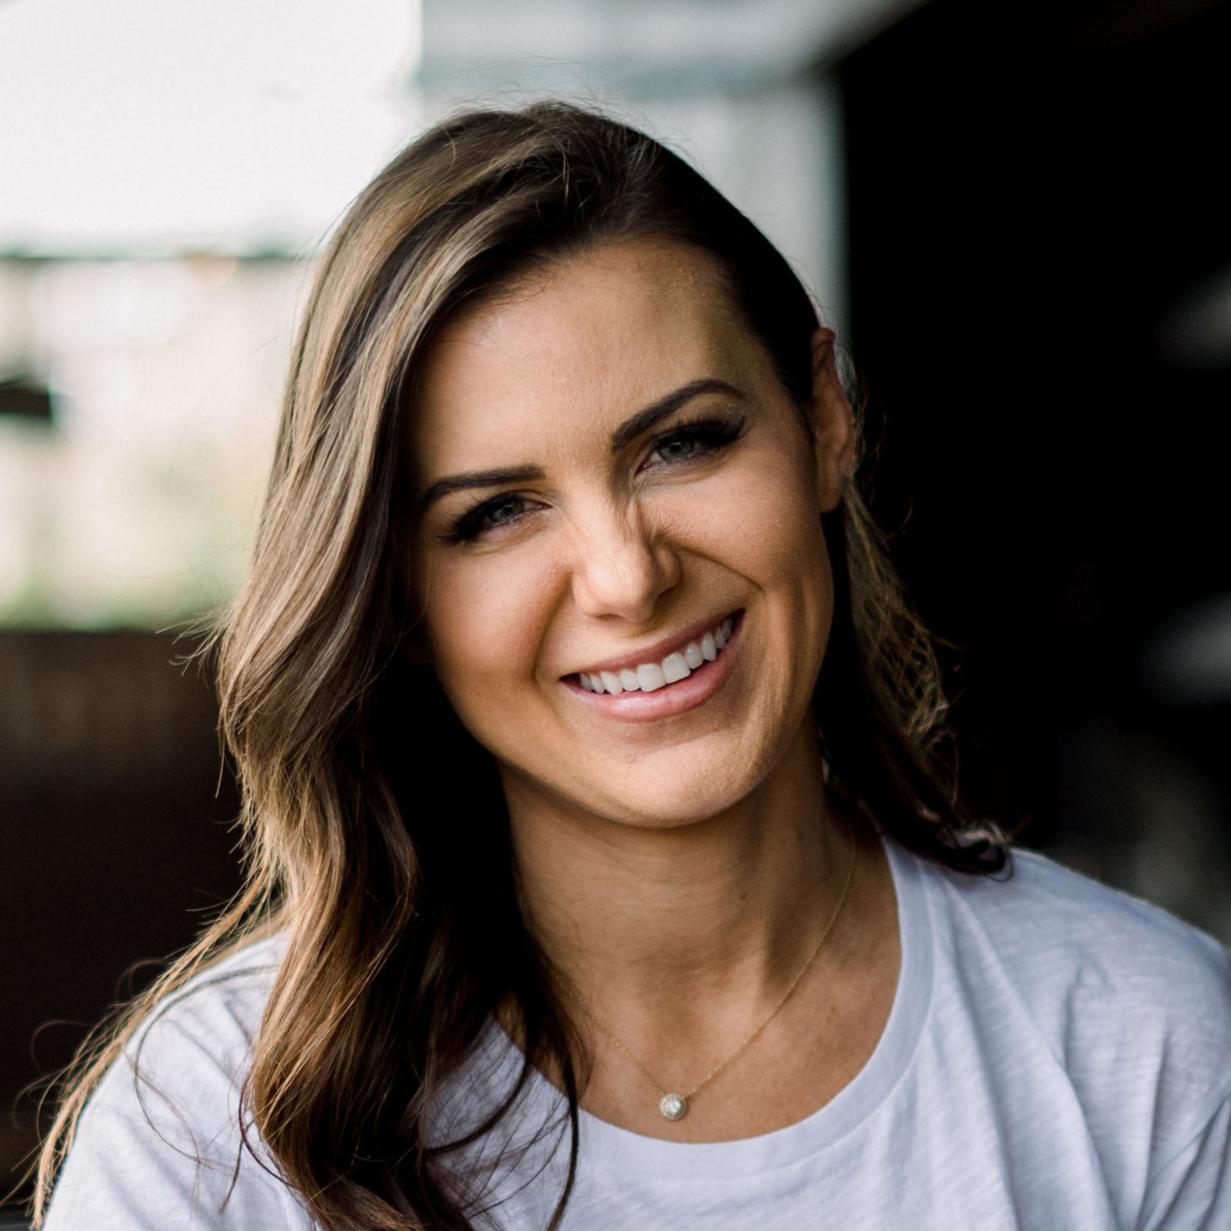 Brittany Merrill-Yeng - Co-founder & Managing Member, Skrewball Peanut Butter Whiskey